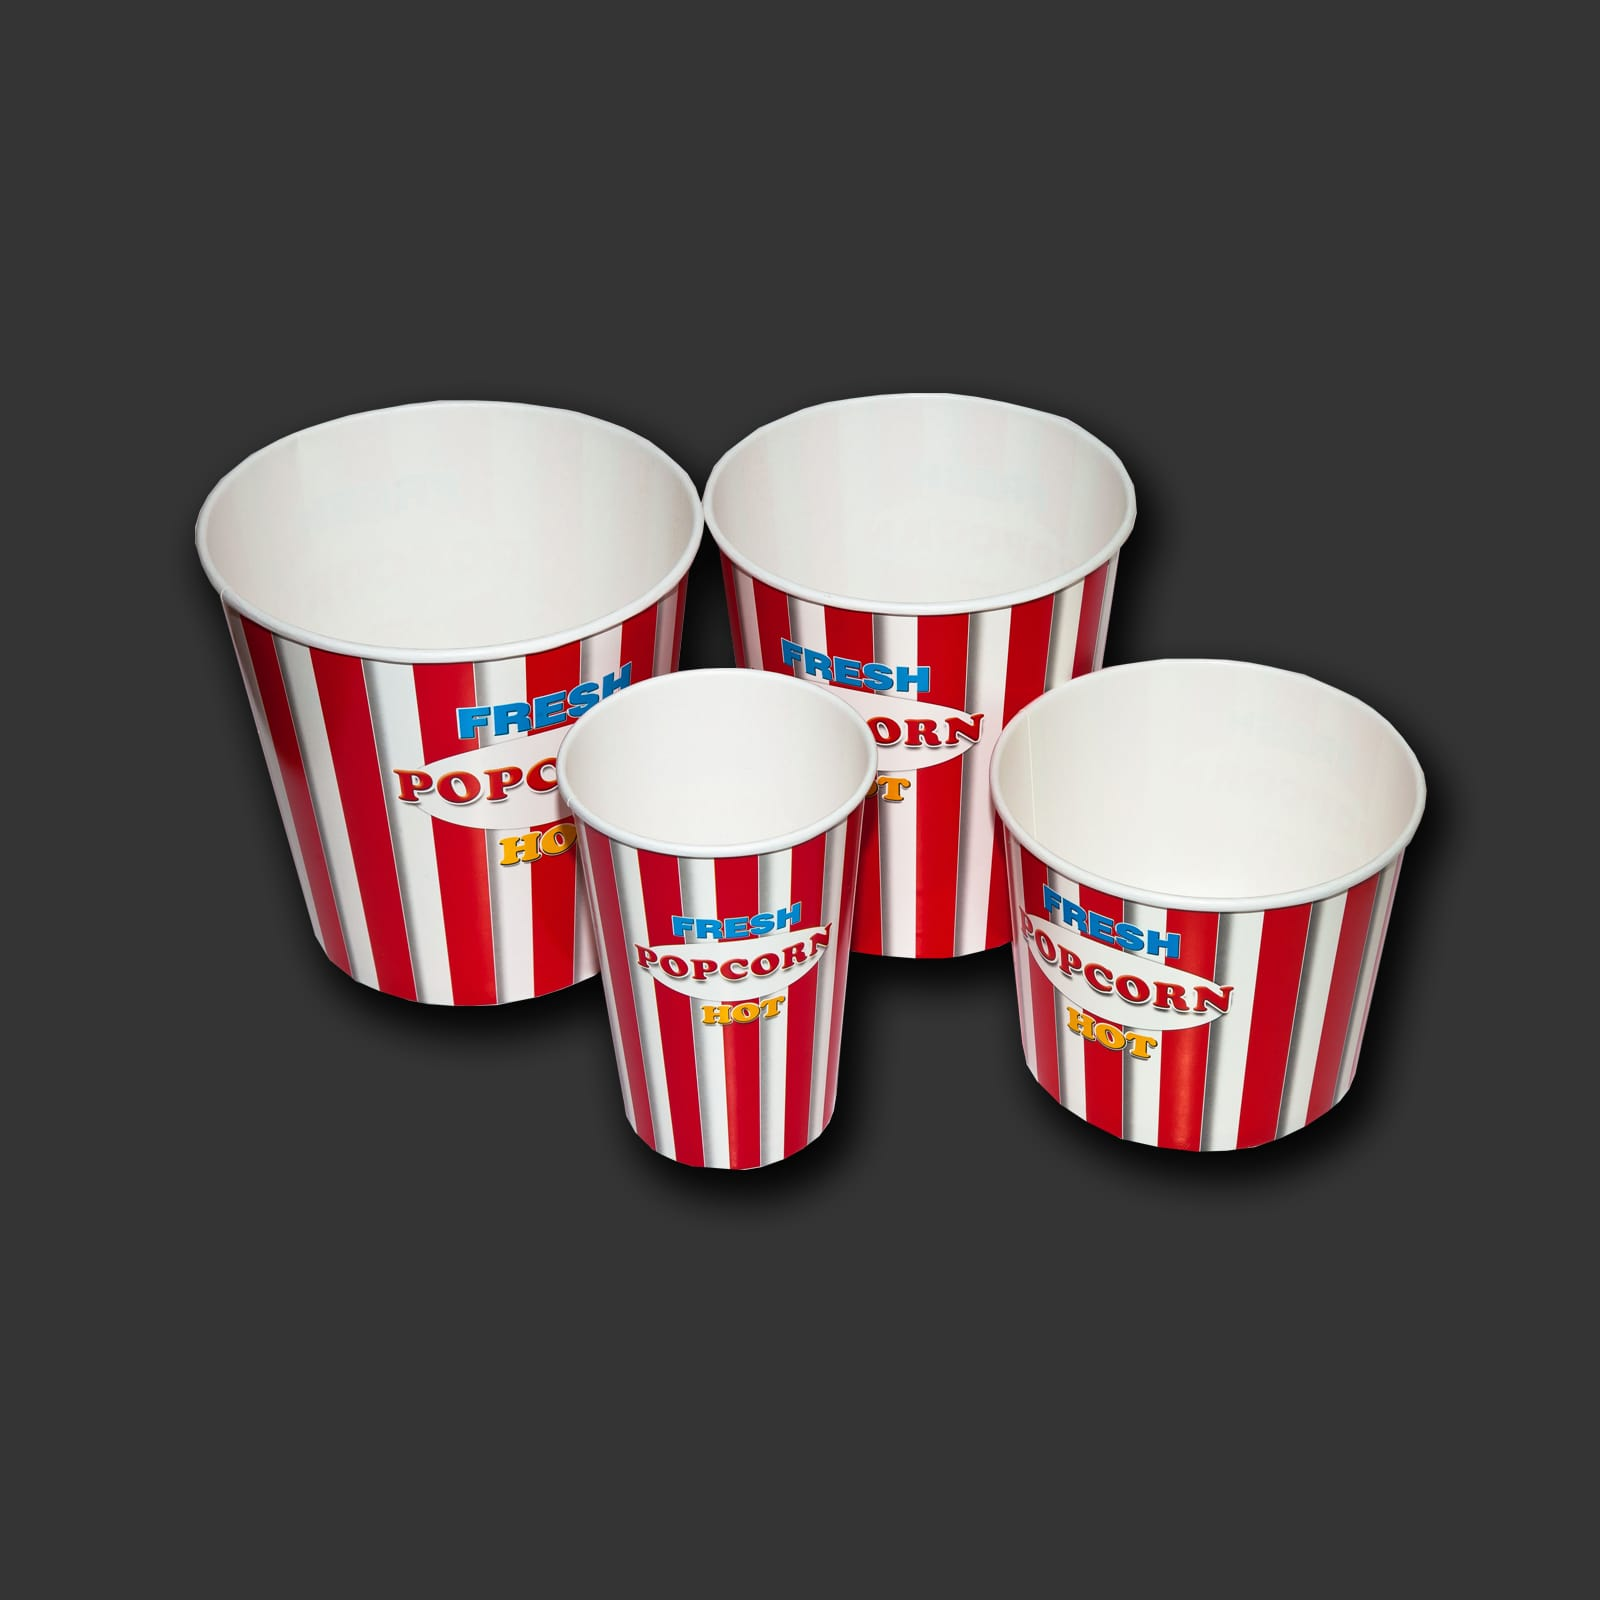 Купить стаканы пластиковые, чашки по выгодным ценам в